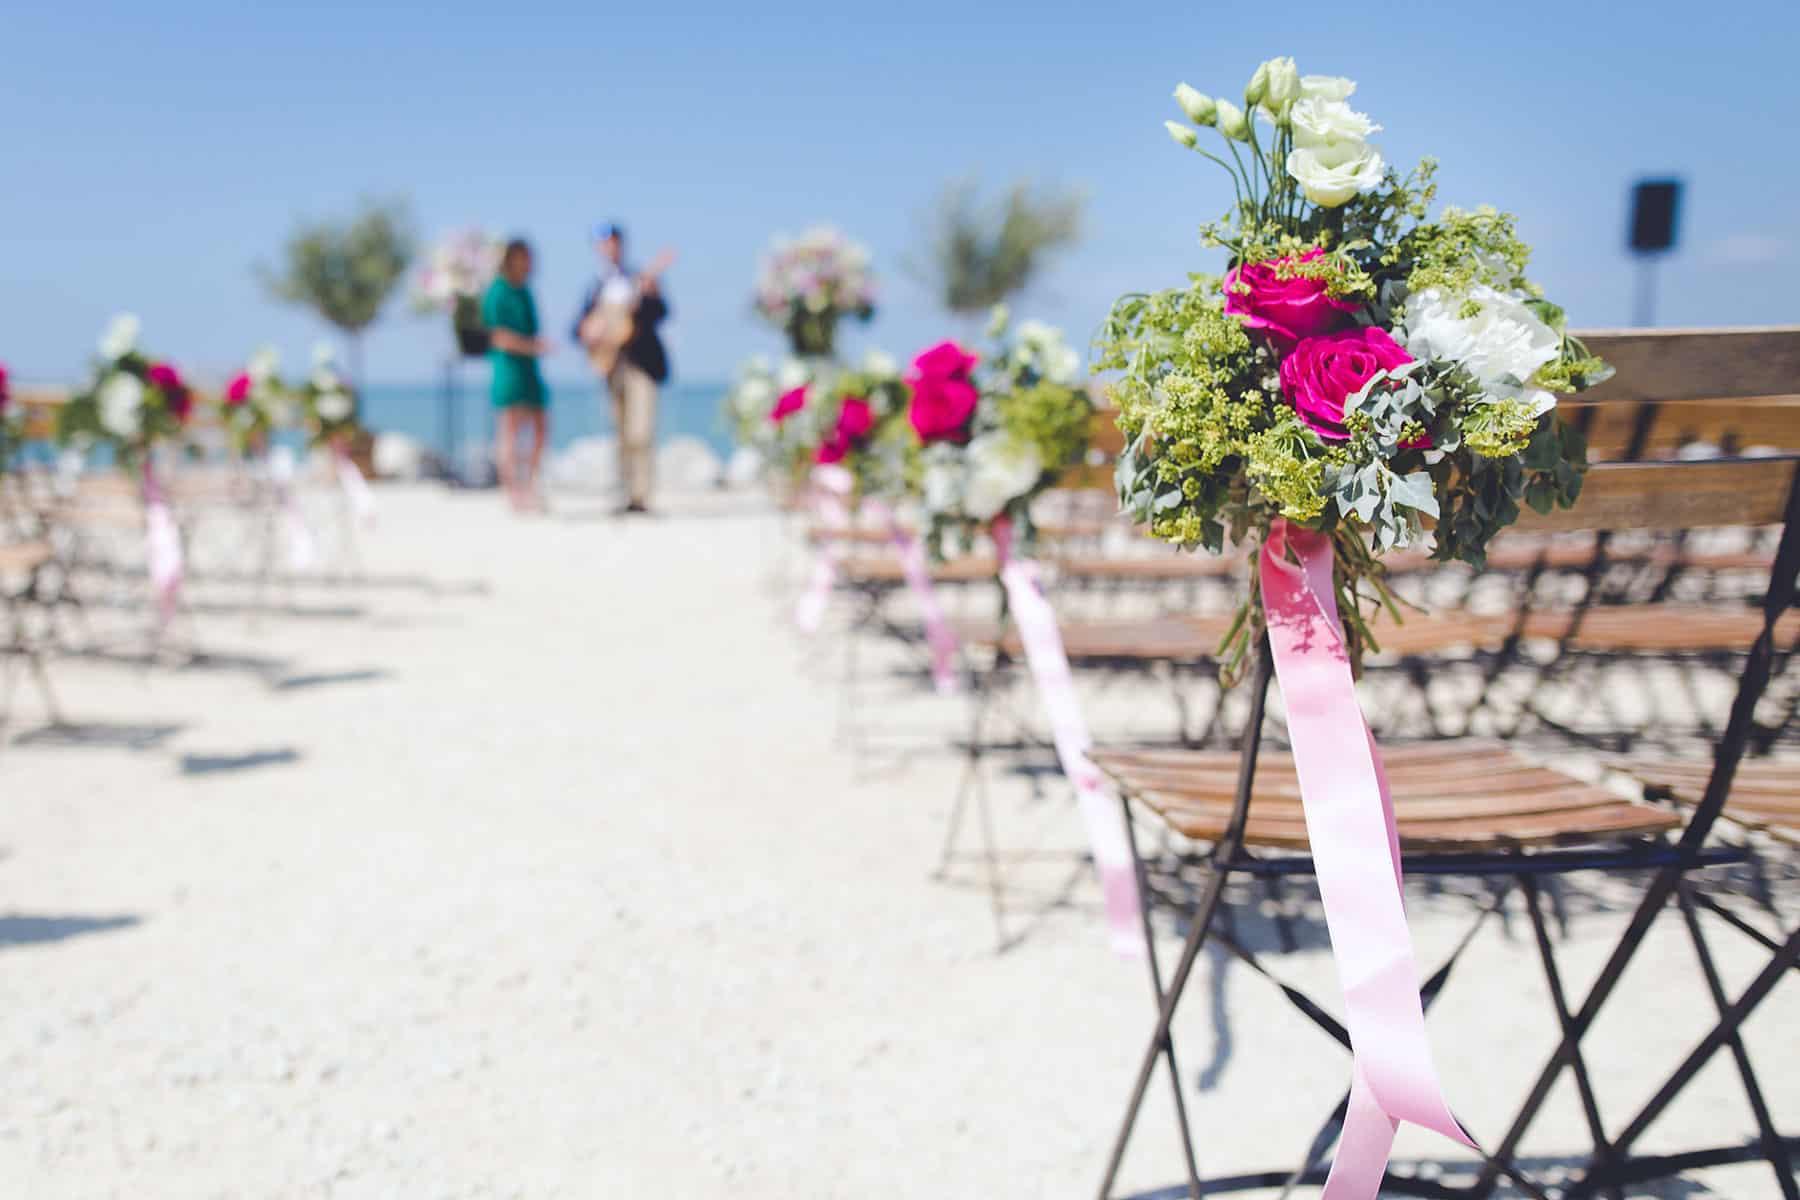 Resor-till-Koh-Samed-i-Thailand-Bröllop-med-Nygren-och-Lind-resebyrå